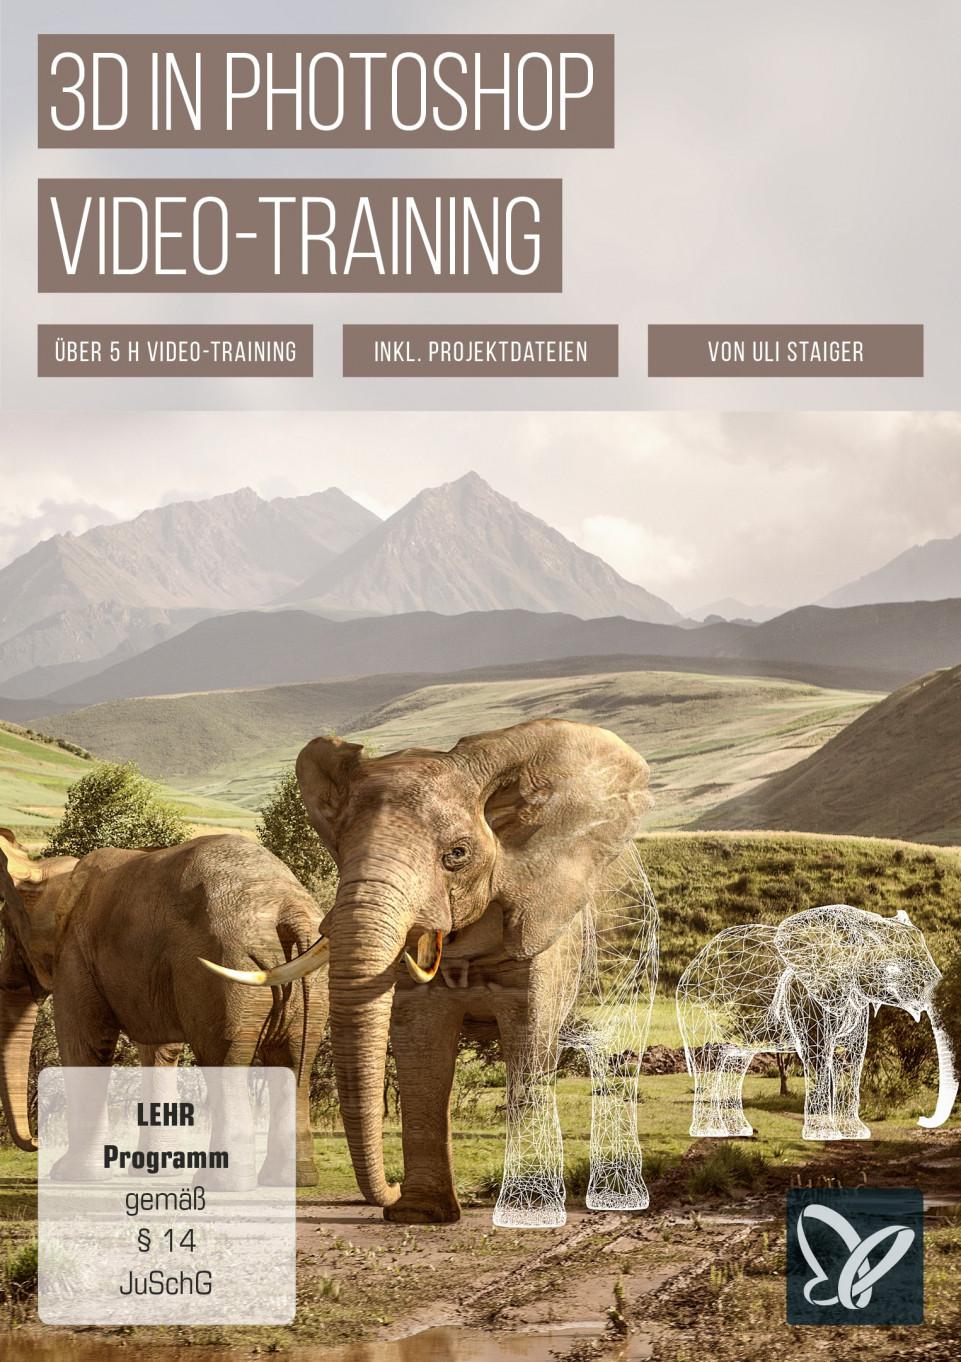 3D-Bilder erstellen in Photoshop – das Praxis-Tutorial